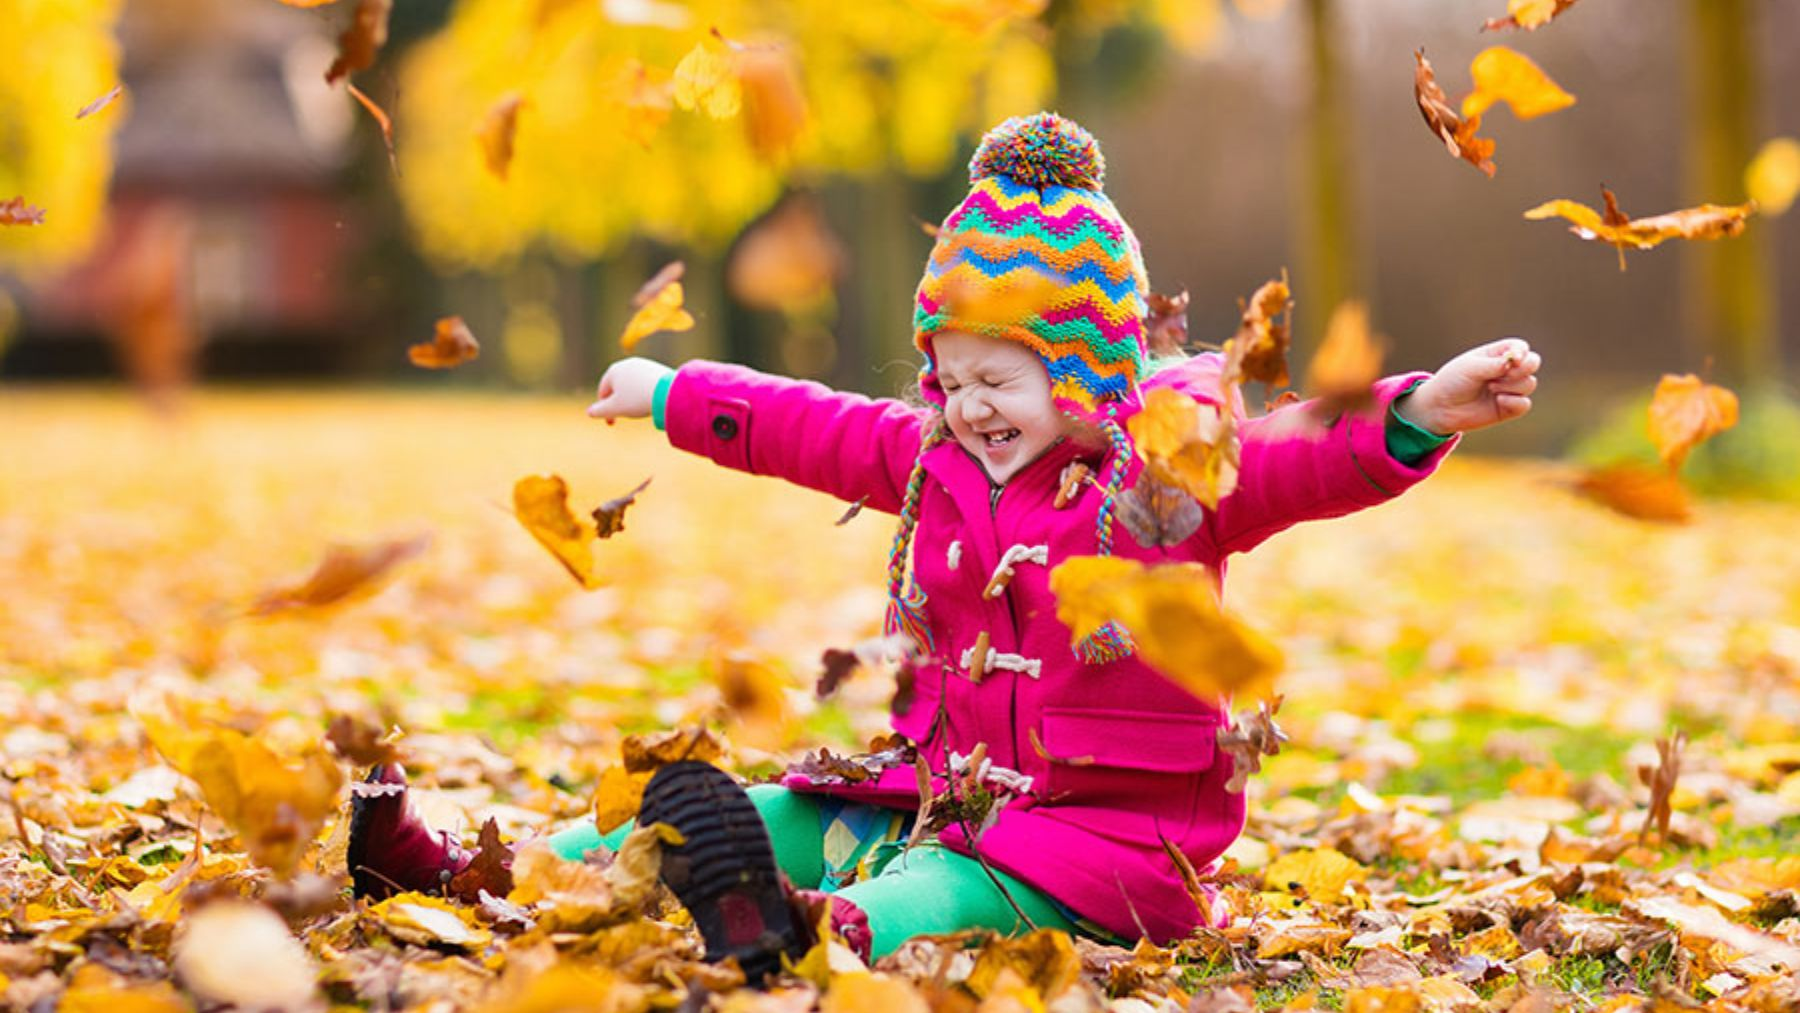 Descubre las mejores actividades para divertir a los niños en el parque en otoño